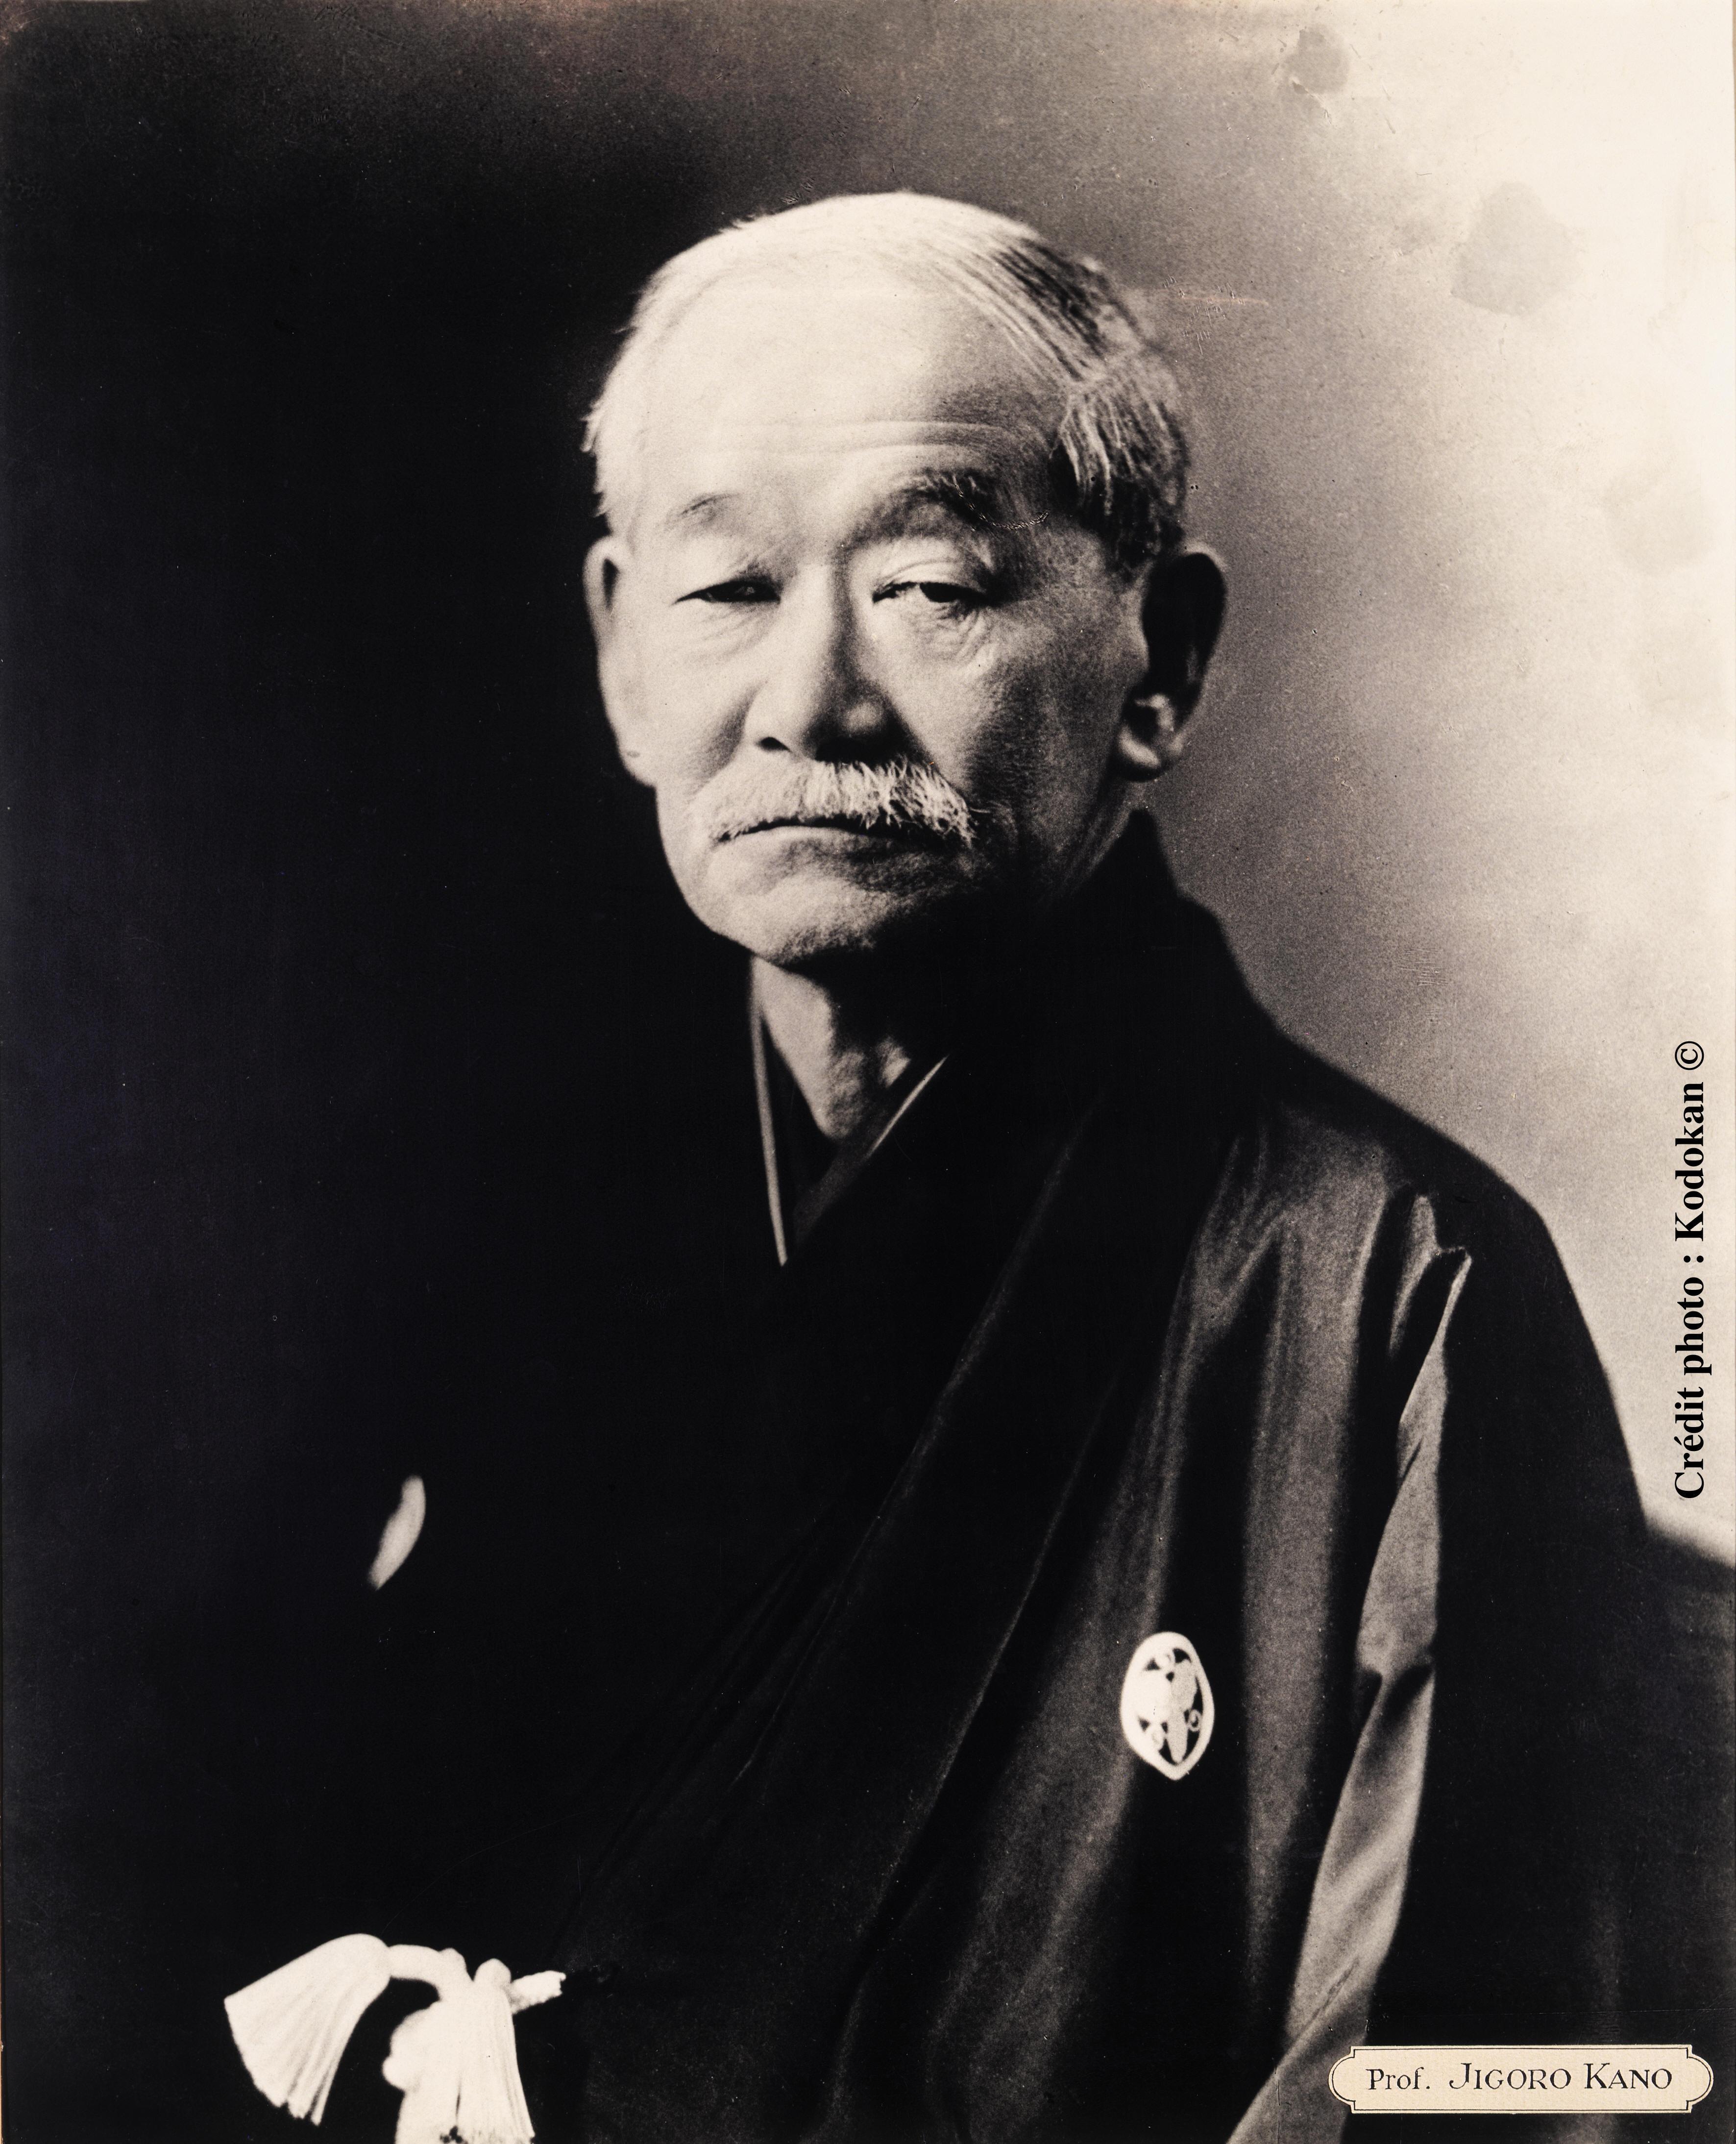 Jigoro KANO 1860-1938